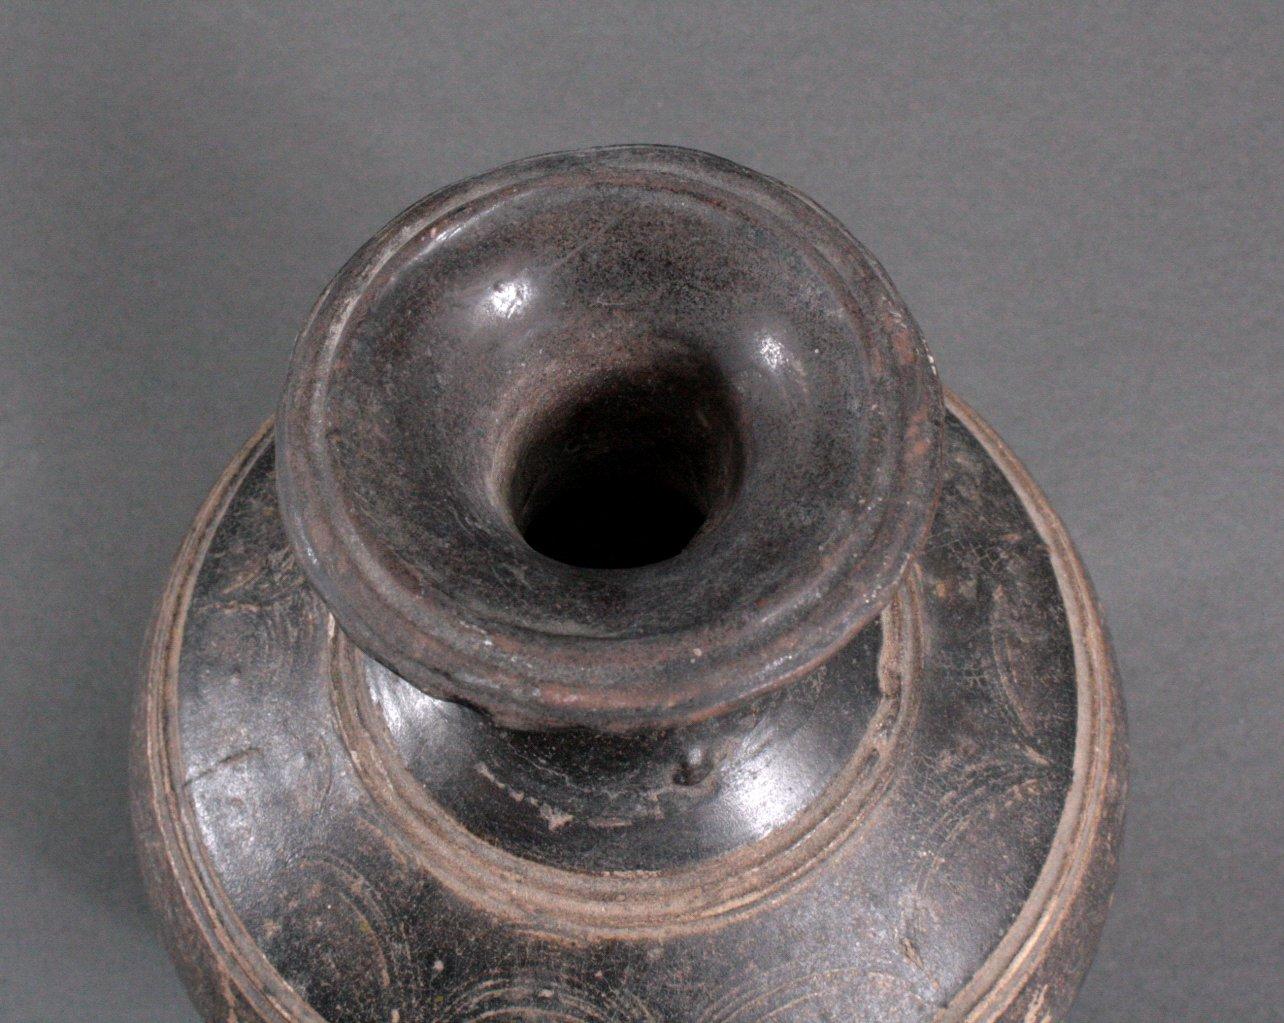 Balustervase, Angkor-Periode 12./13. Jh.-3